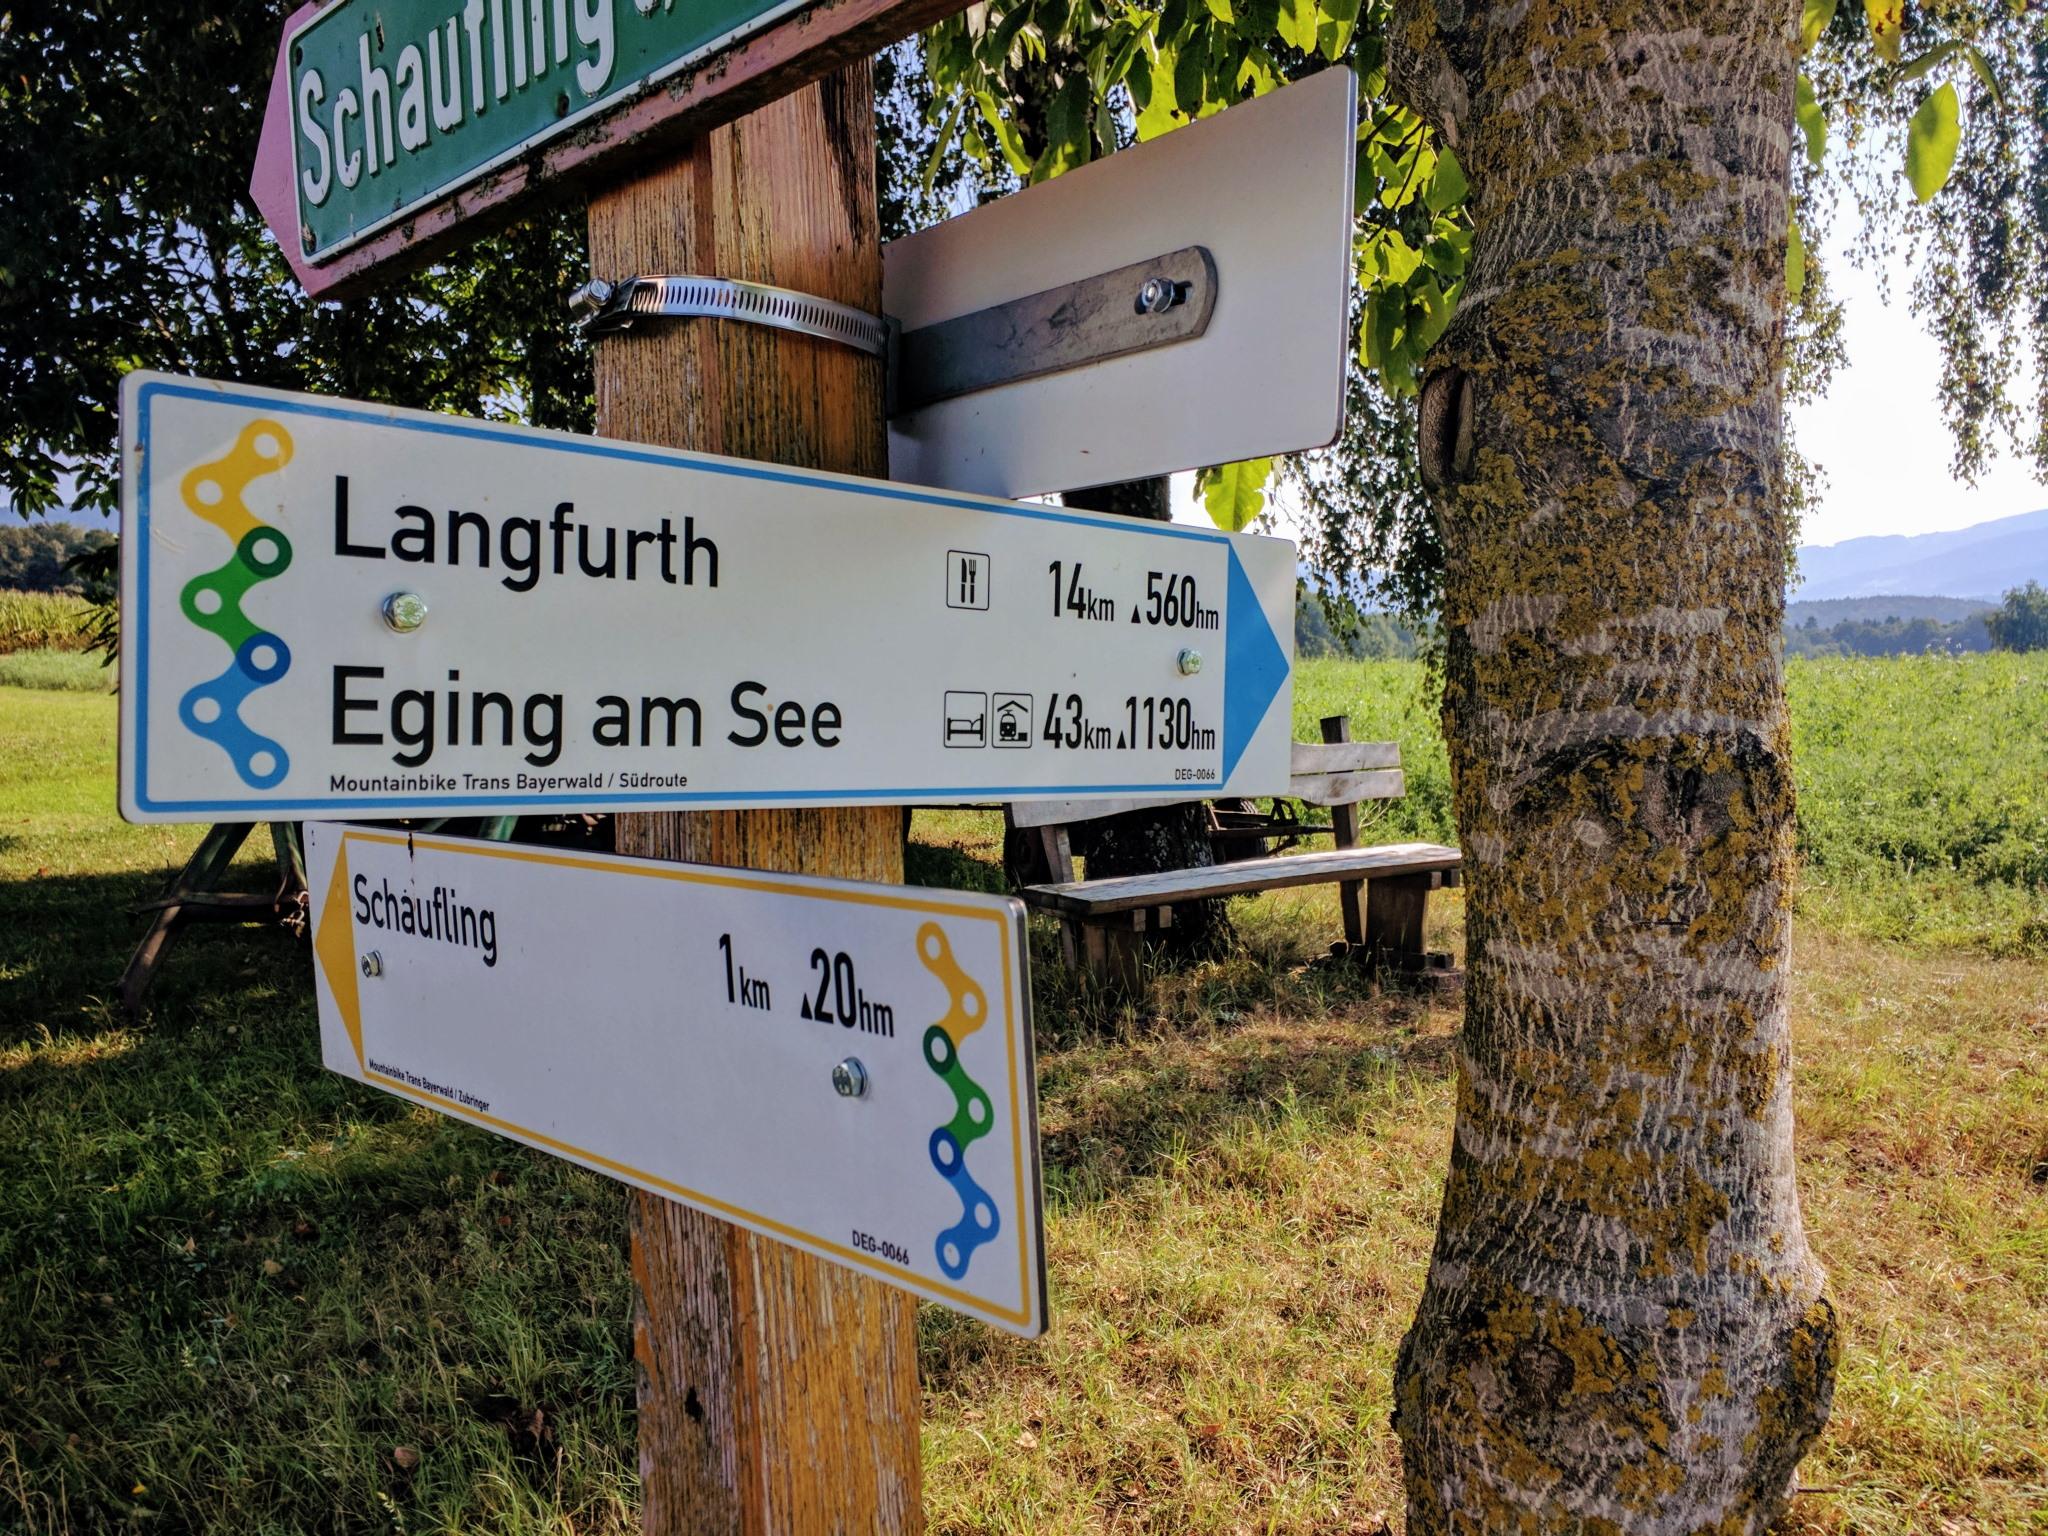 Trans Bayerwald - Wegweiser bei Schaufling